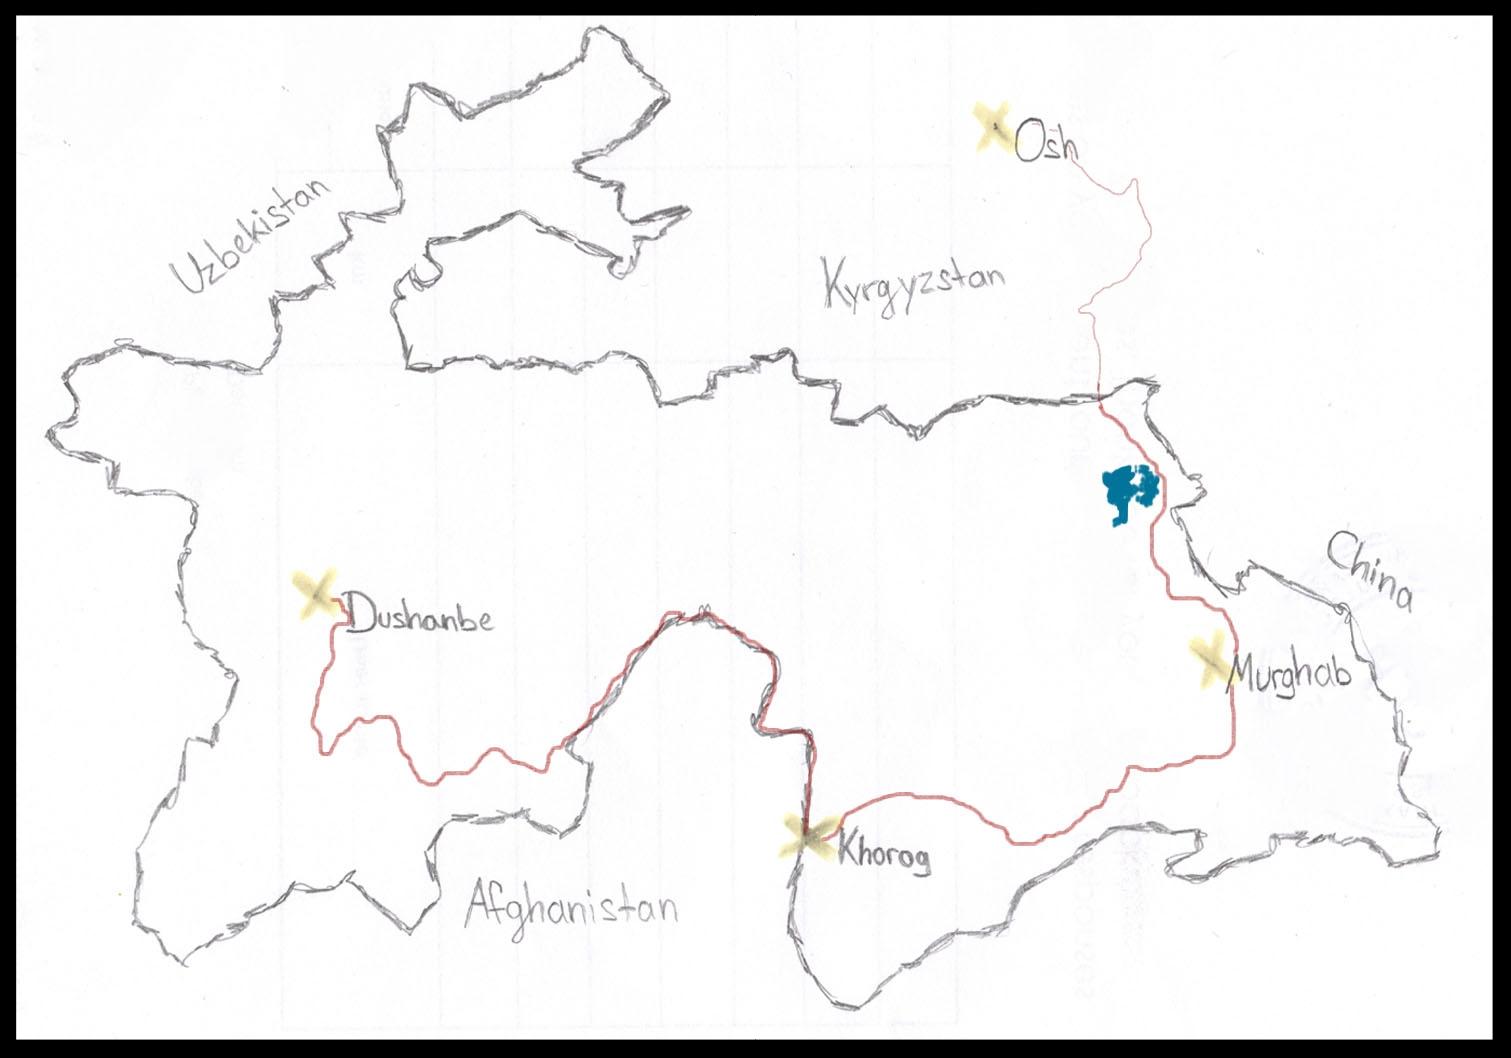 mapDUSHKHO.jpg